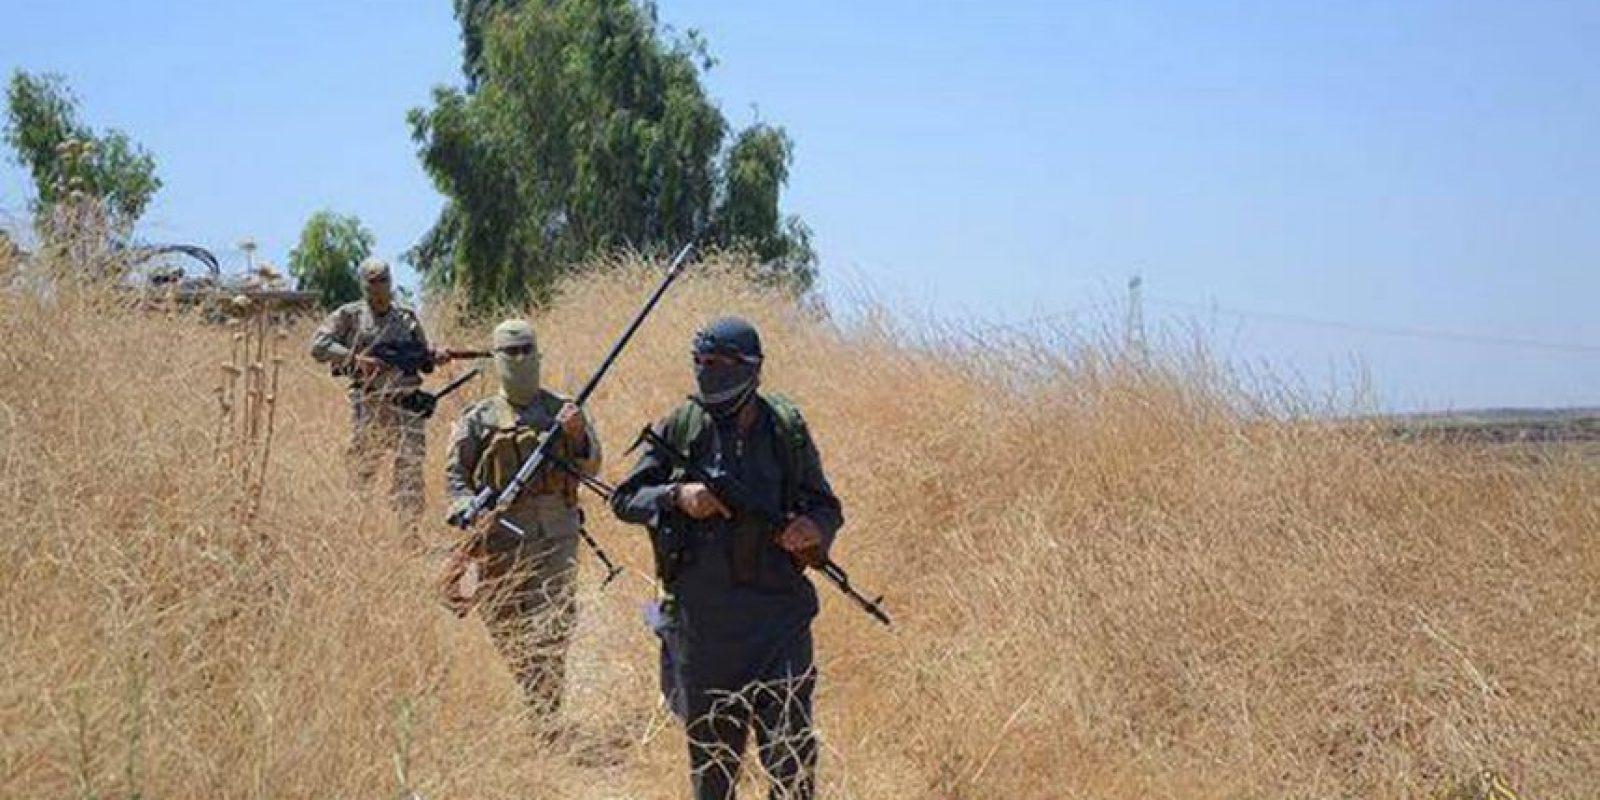 El Estado Islámico secuestra y abusa de las mujeres de los territorios que se va apoderando en Medio Oriente. Foto:AP